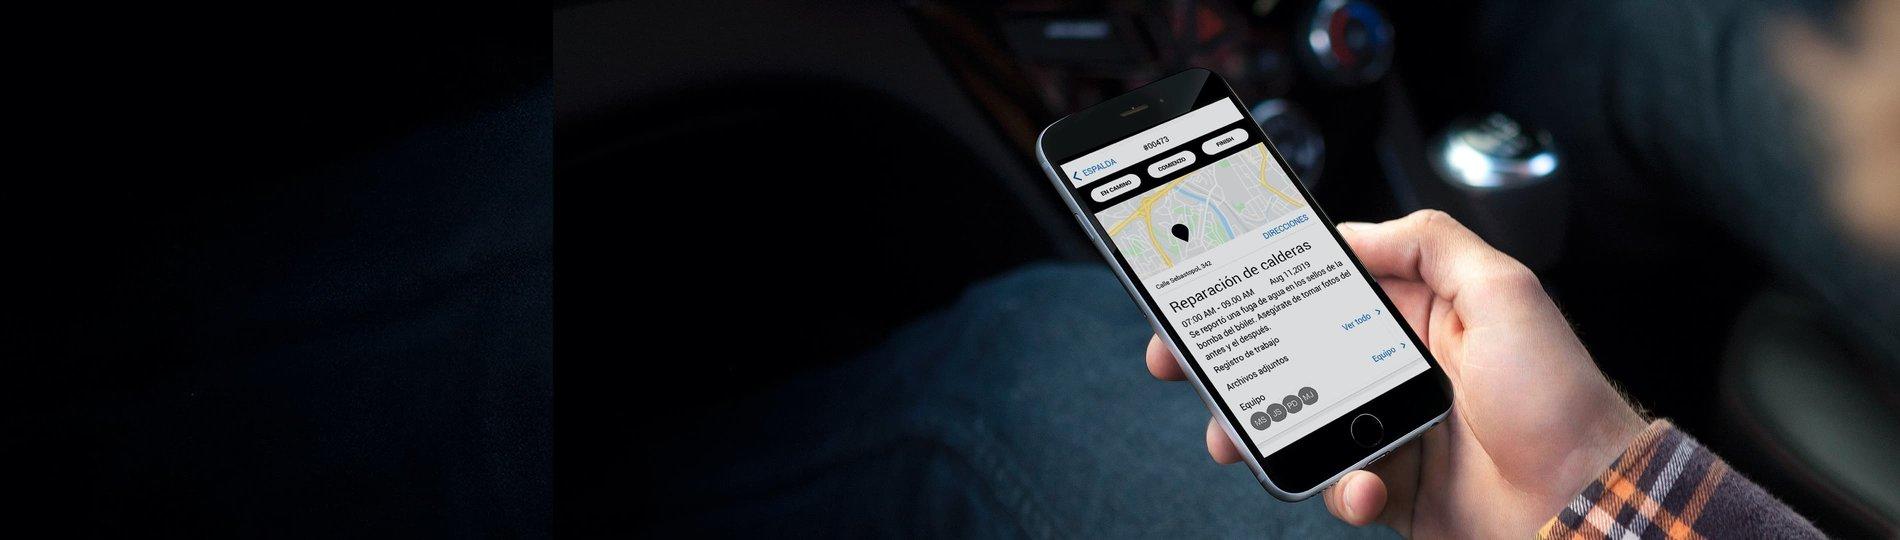 Aplicaciones móviles para impulsar tu negocio